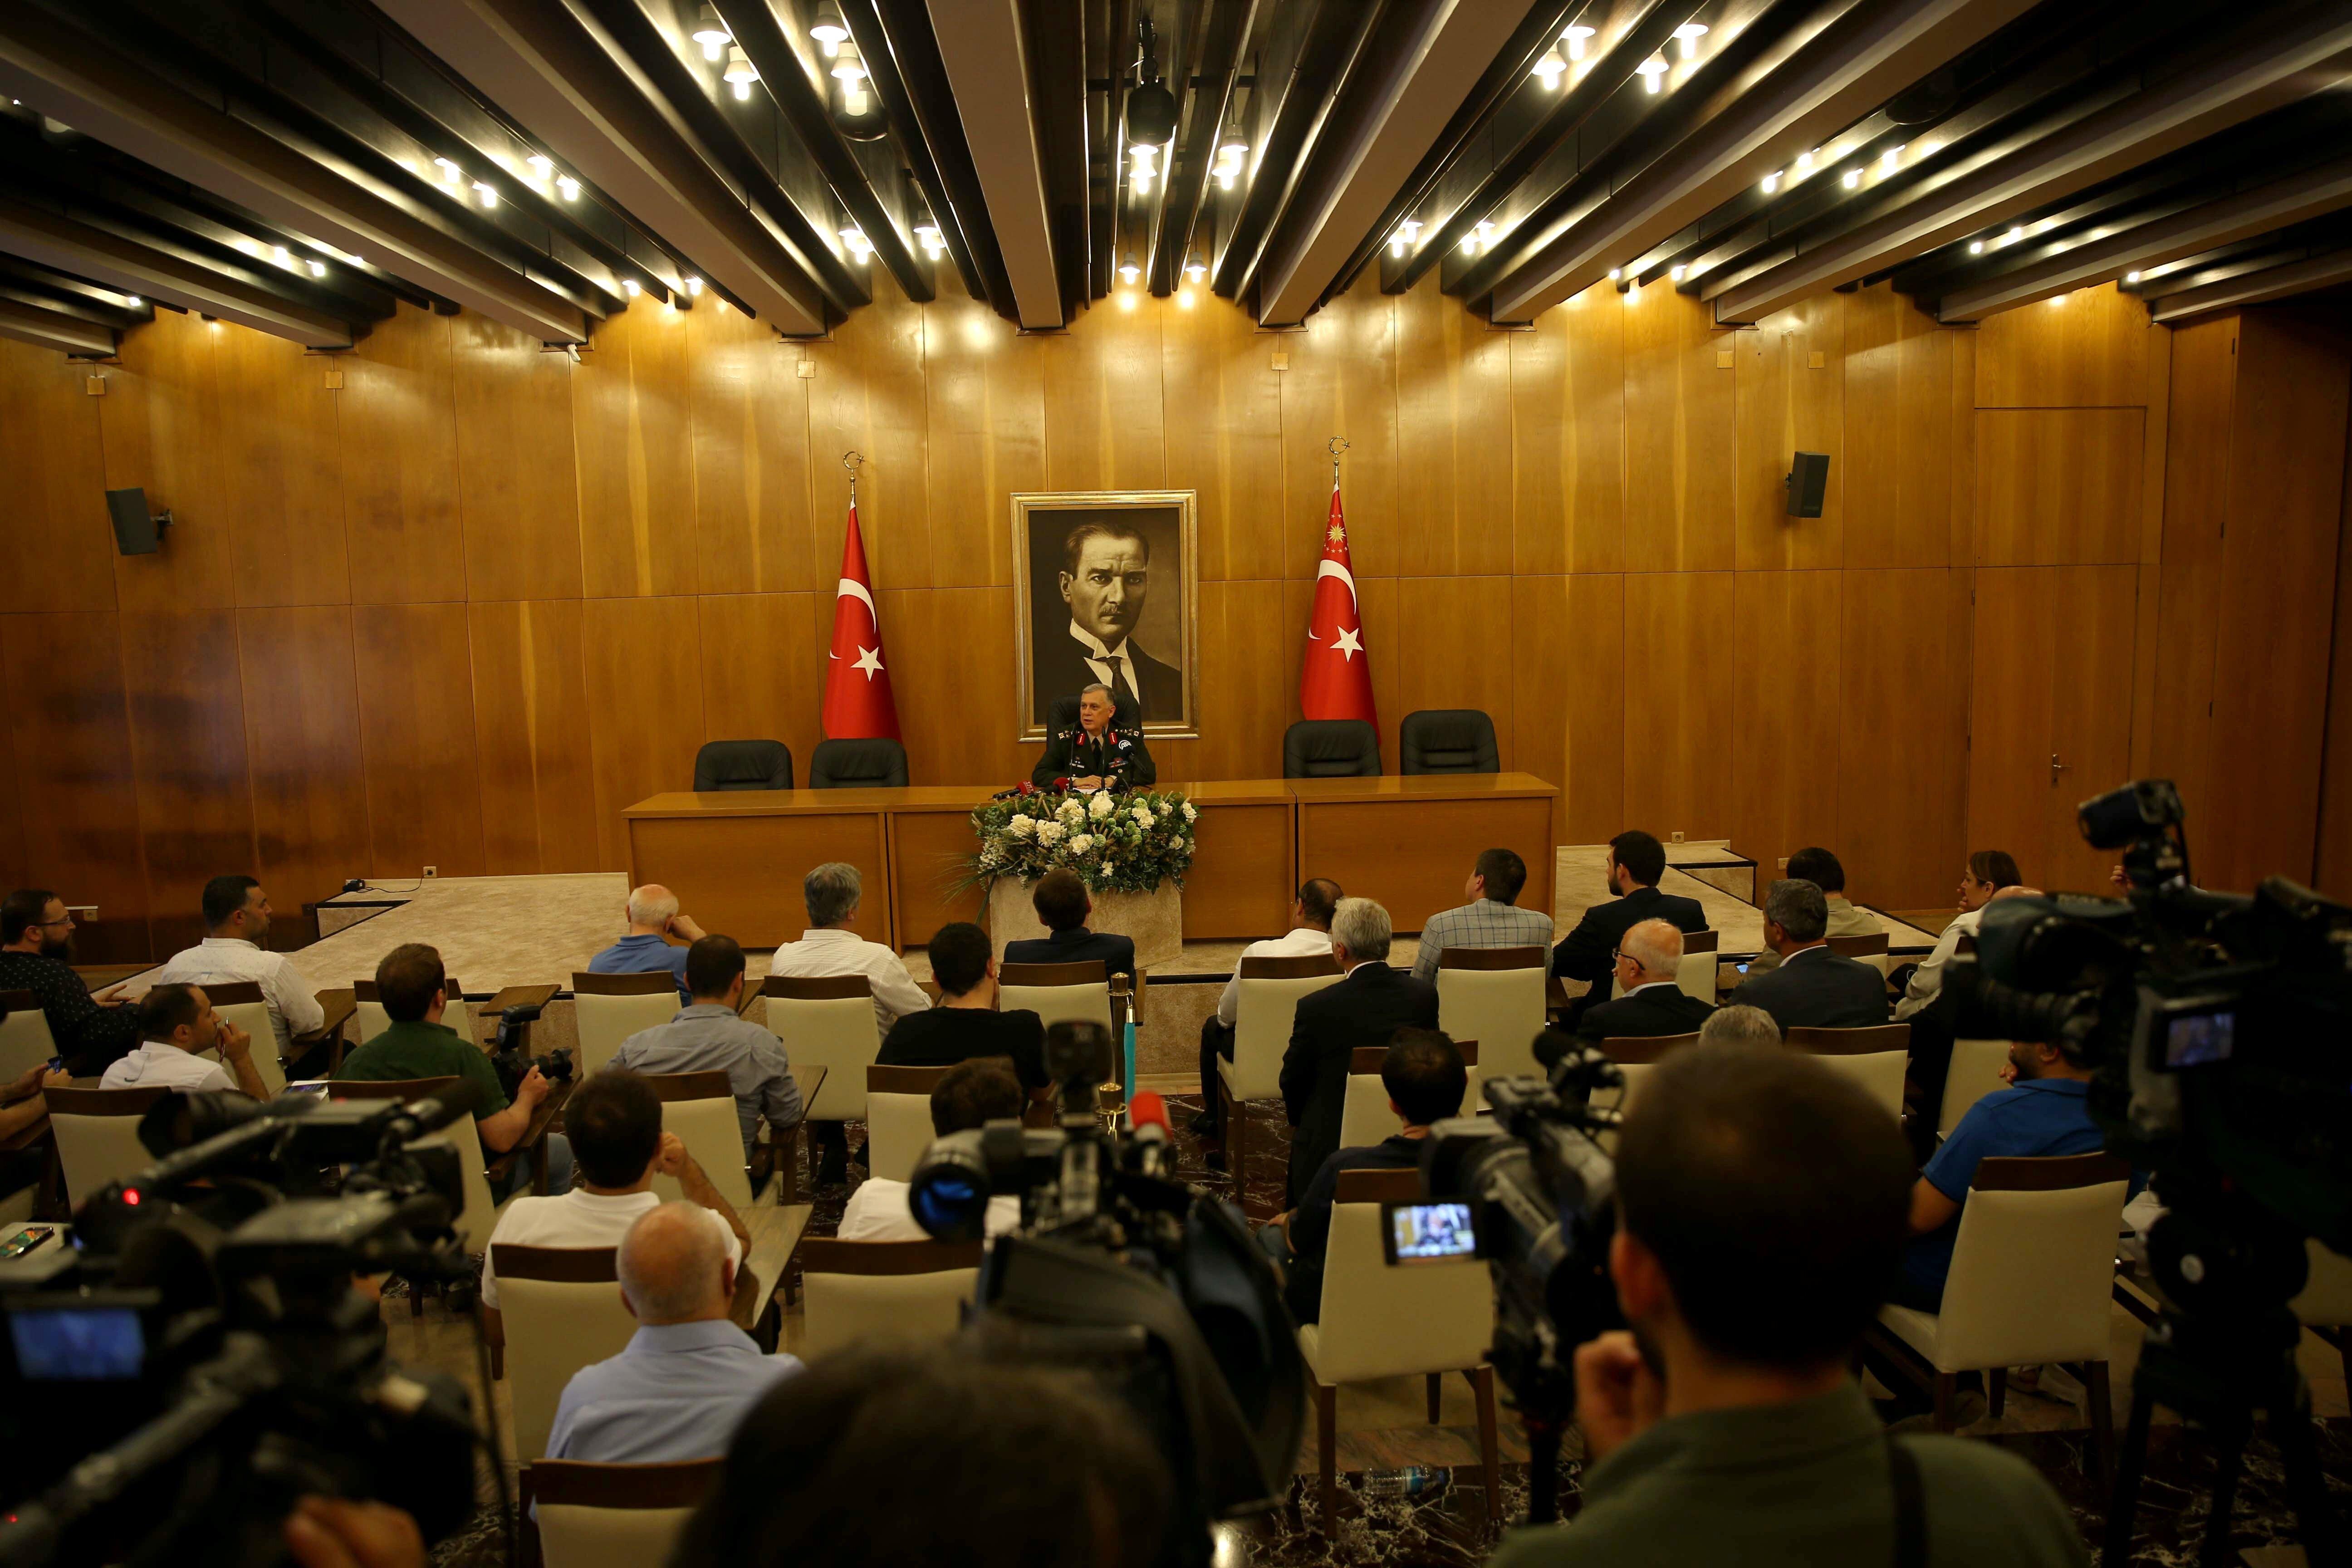 Genelkurmay Başkan Vekili Orgeneral Ümit Dündar, Atatürk Havalimanı Devlet Konuk Evi'nde basın toplantısı düzenledi.